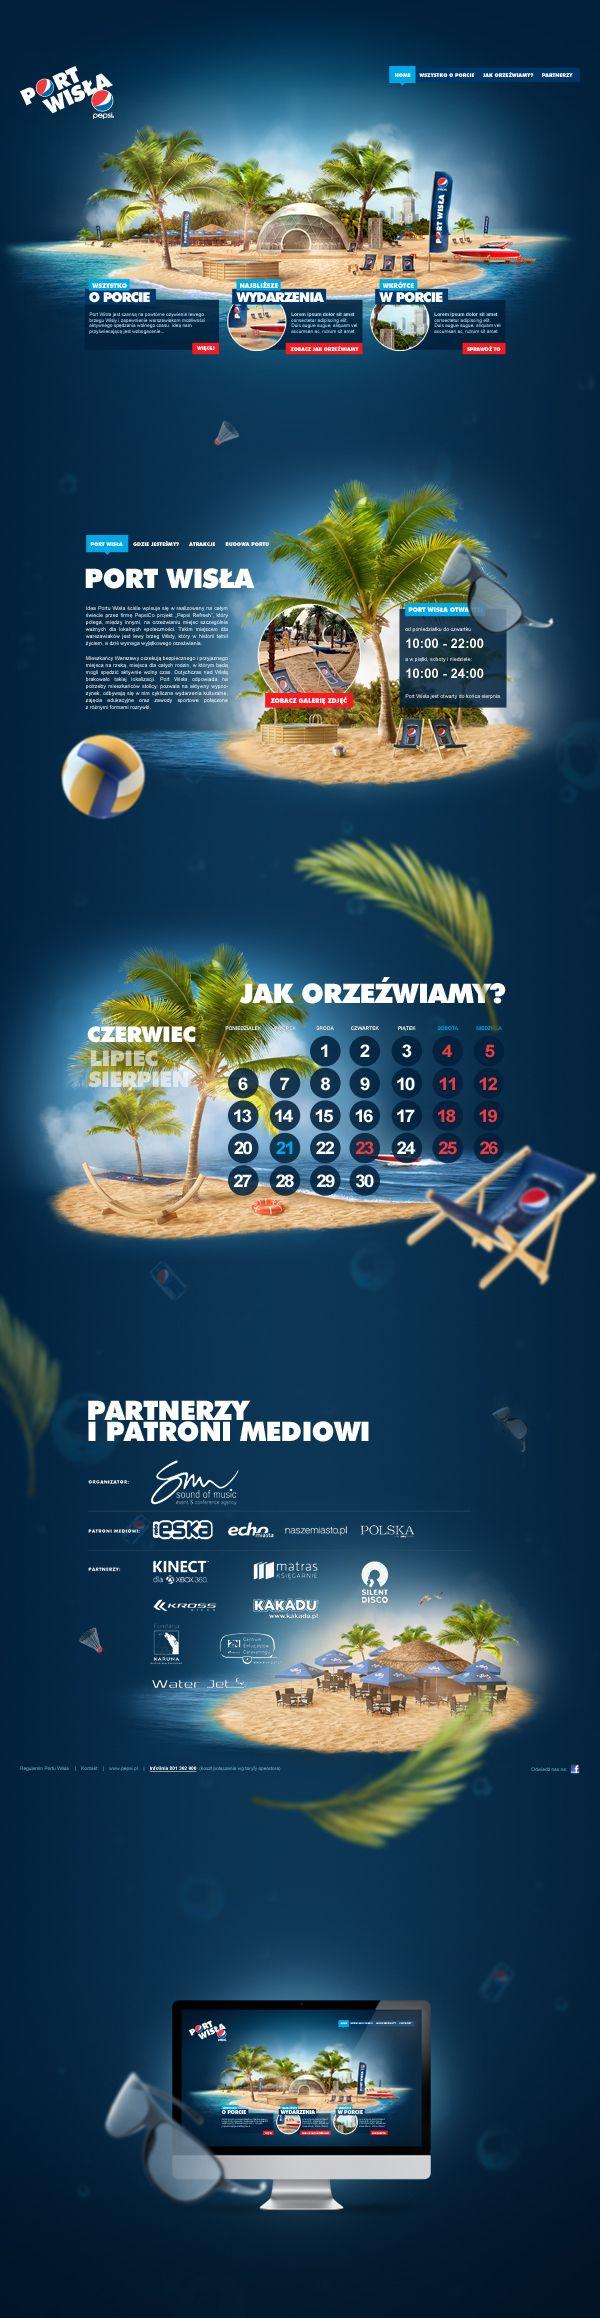 Pepsi   Port Wisła by Fuse Collective & Maciej Mizer & Piotr Em